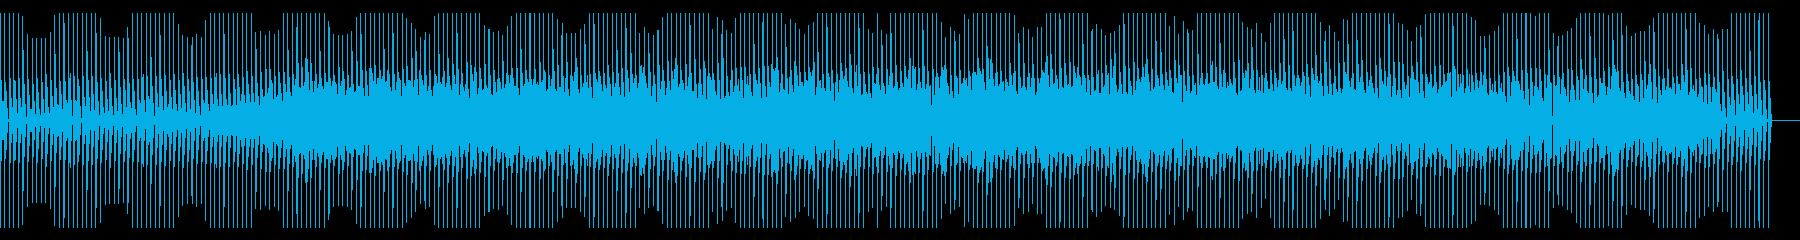 細切れでくぐもった音の4つ打テクノの再生済みの波形